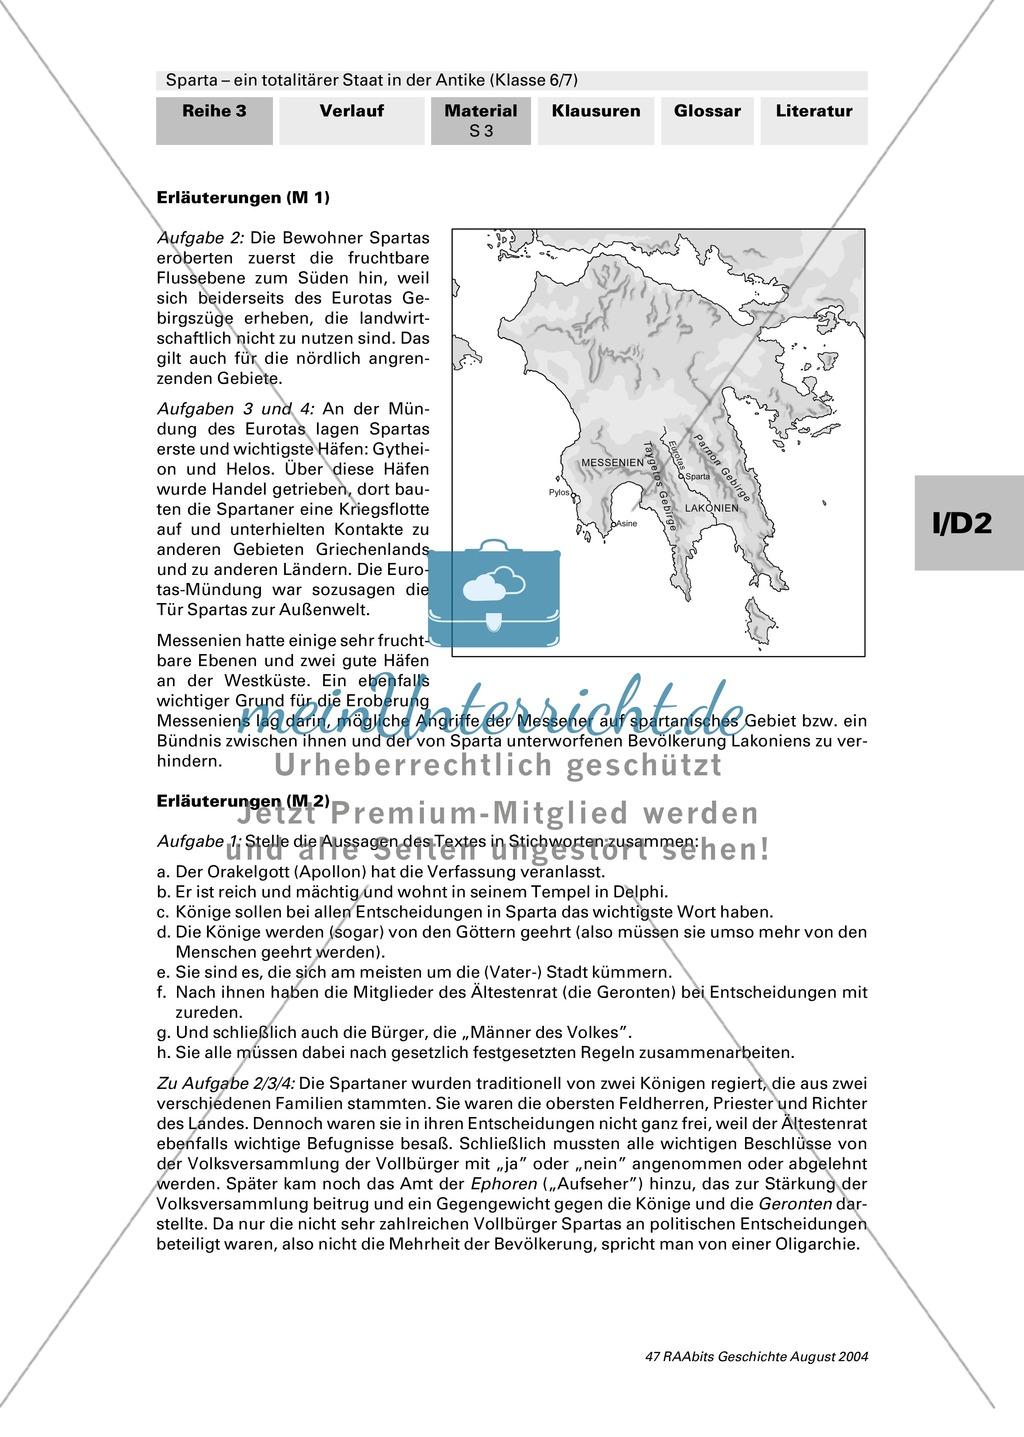 Sparta - ein totalitärer Staat in der Antike: Geografische Lage und Gesellschaft Preview 2